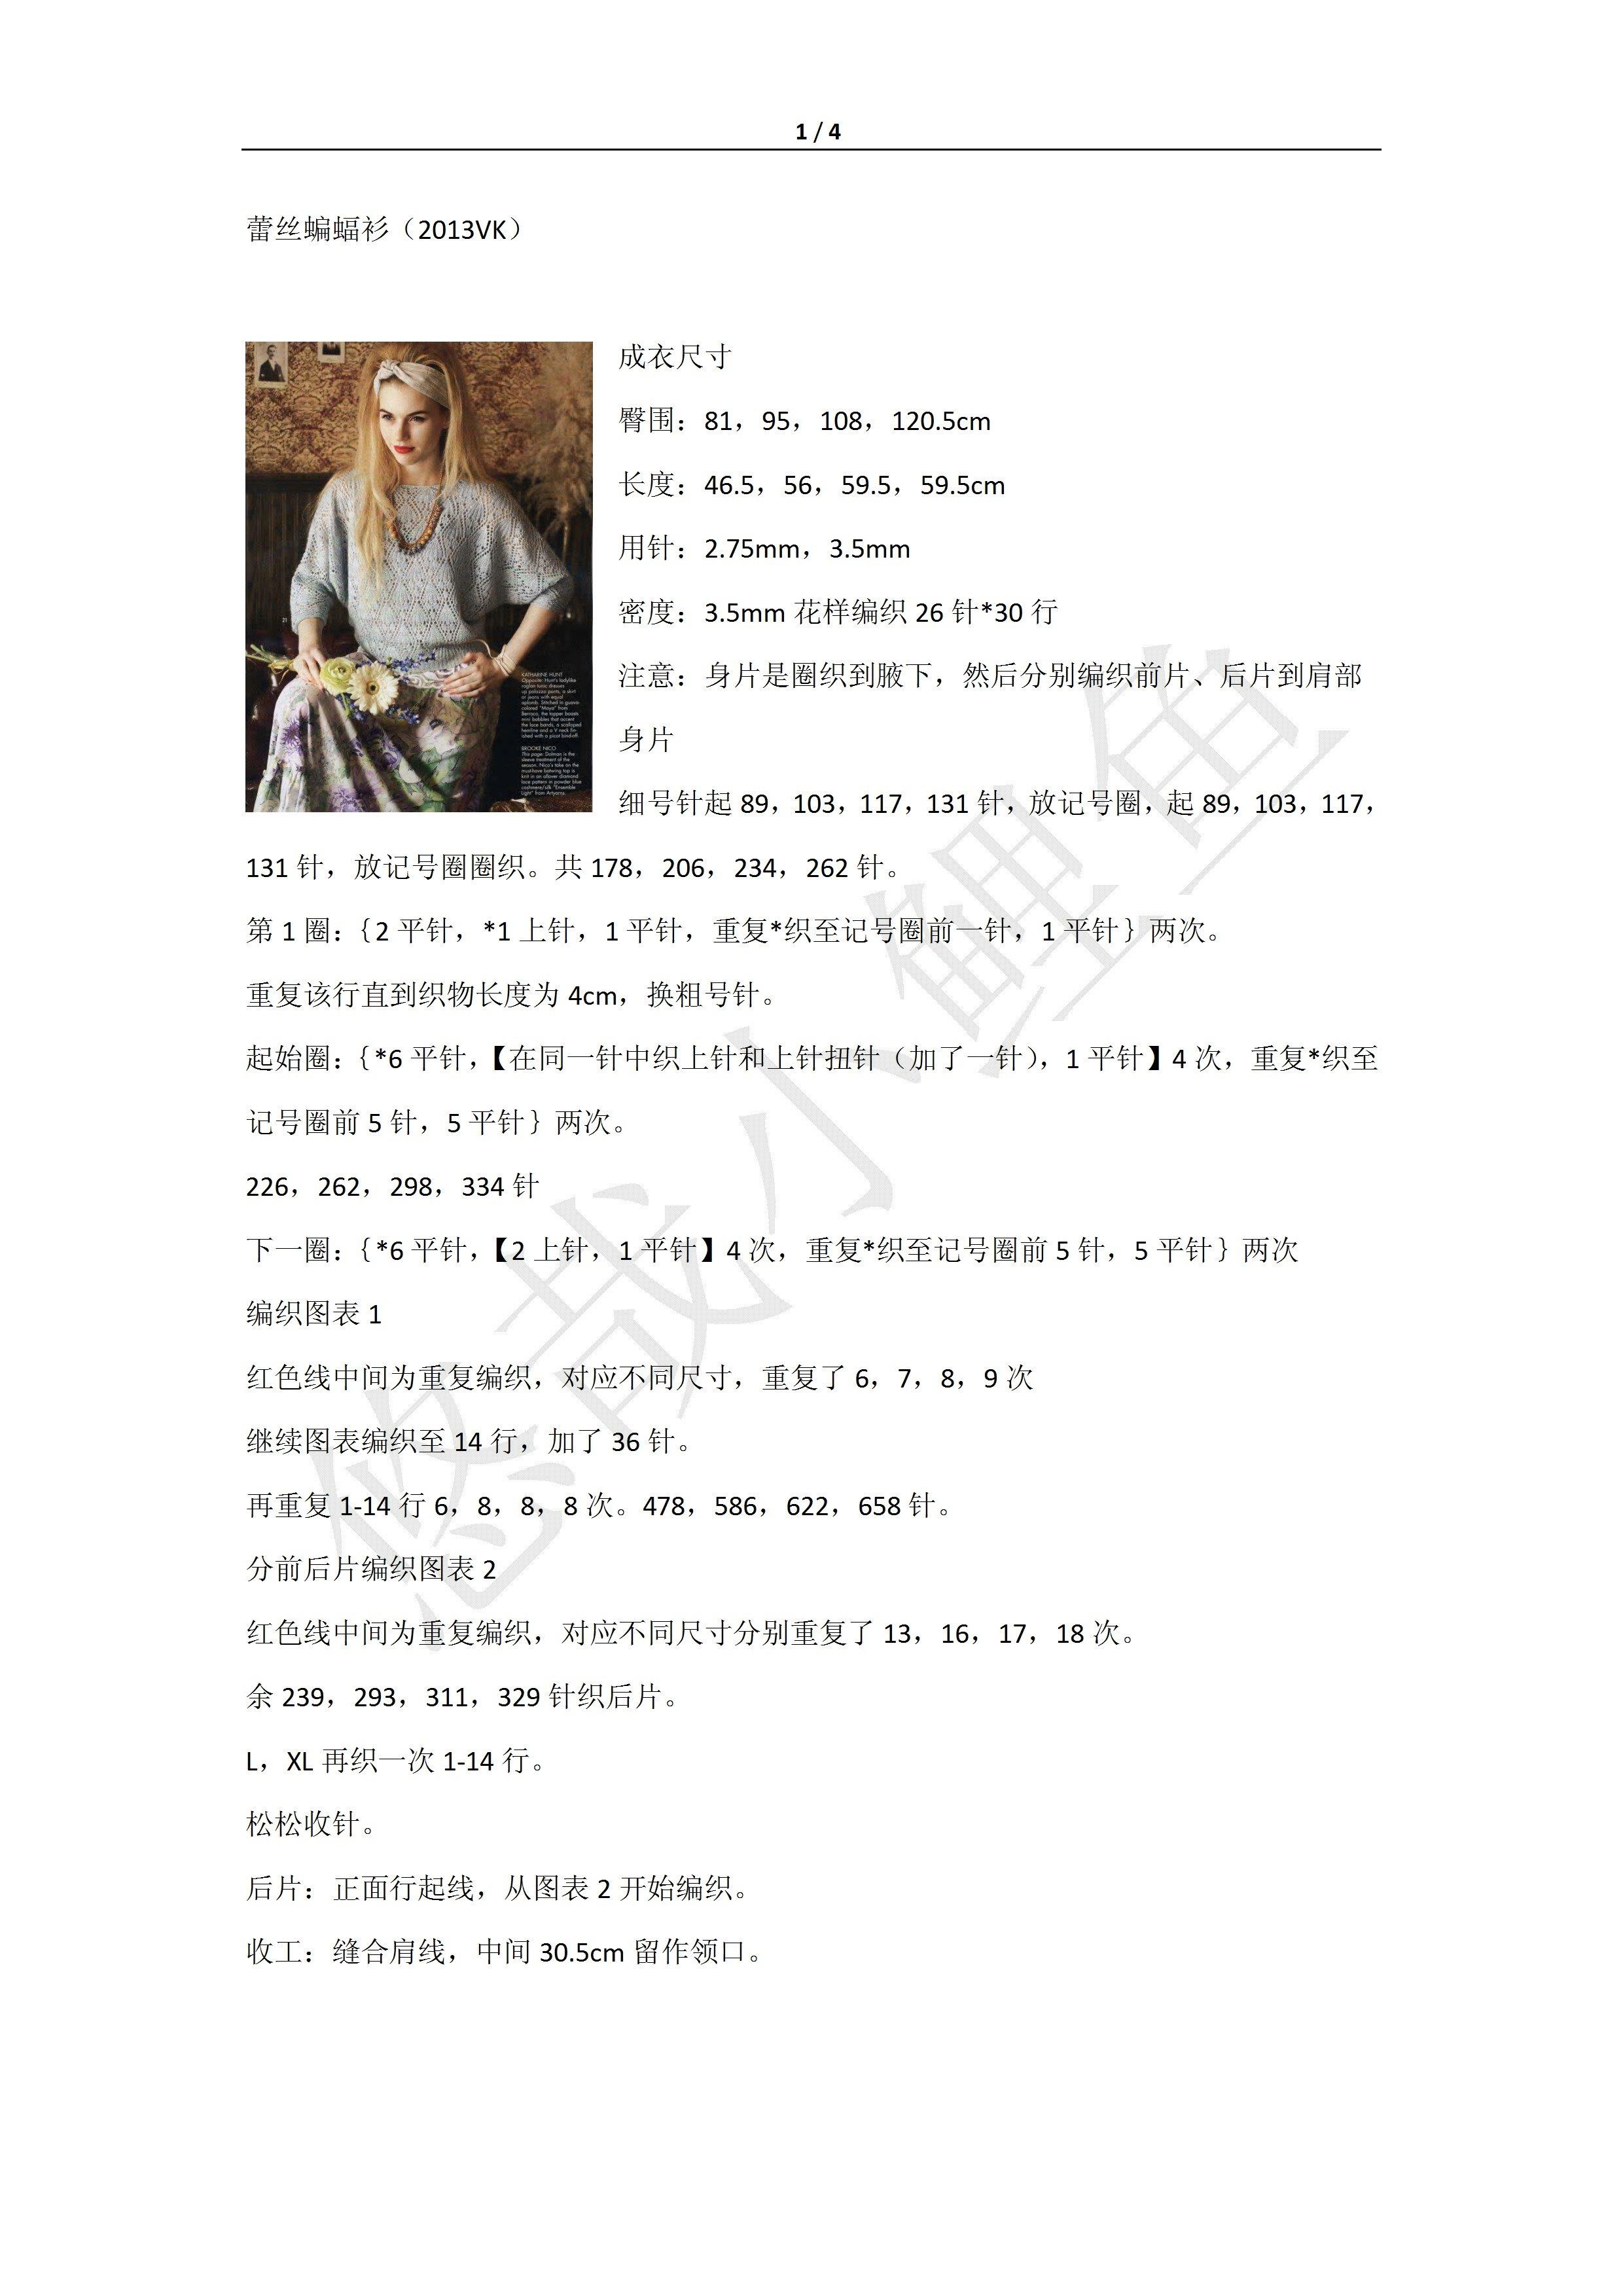 【引用译文】蕾丝蝙蝠衫 - 壹一 - 壹一编织博客